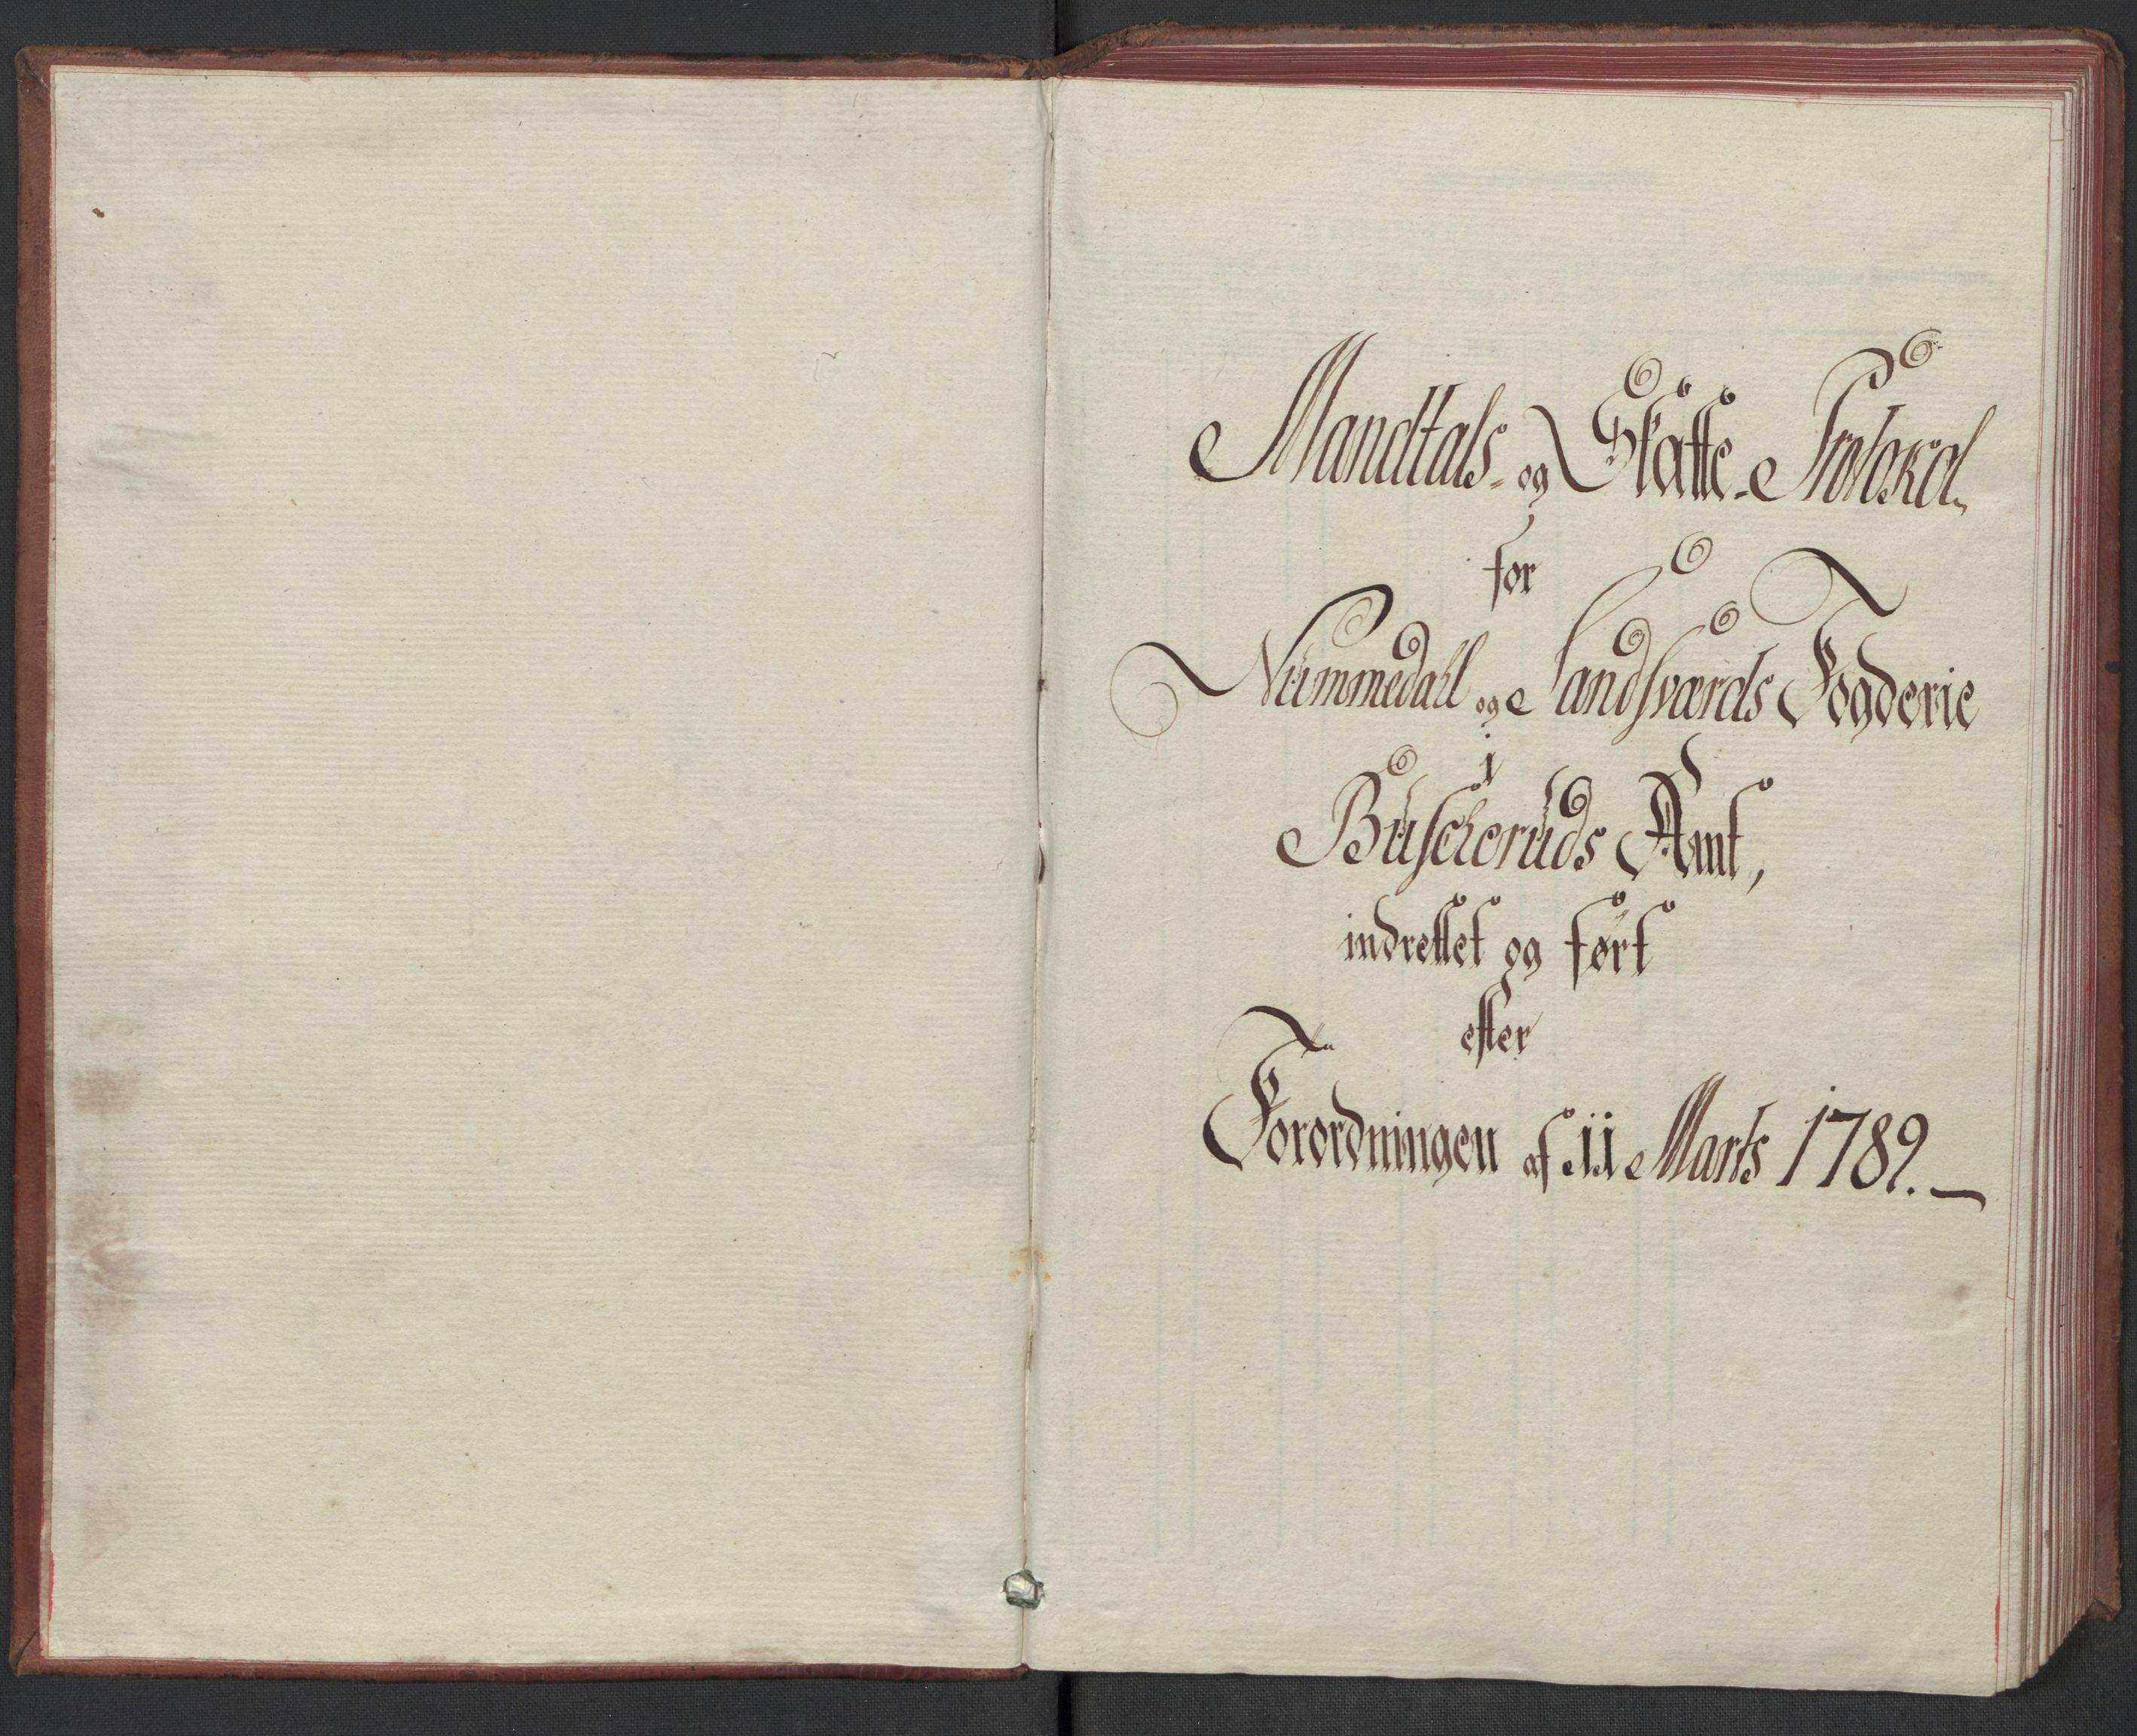 RA, Rentekammeret inntil 1814, Reviderte regnskaper, Mindre regnskaper, Rf/Rfe/L0032: Numedal og Sandsvær fogderi, Orkdal og Gauldal fogderi, 1789, s. 5